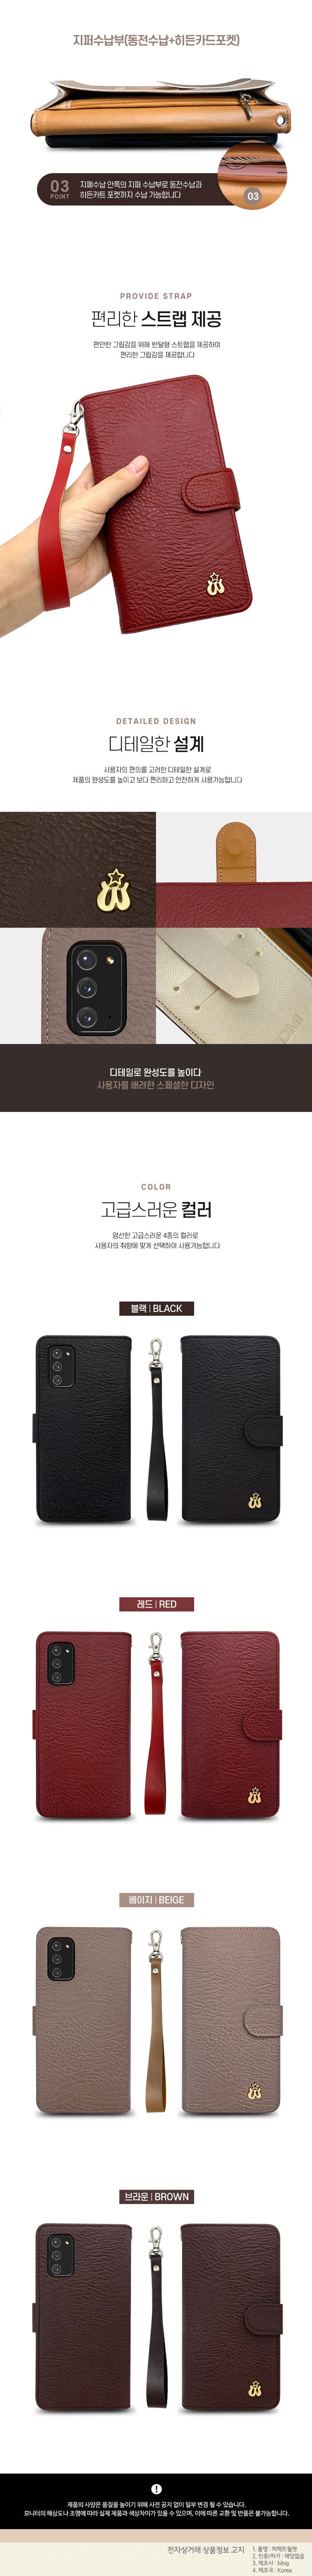 Vỏ điện thoại thiết kế Hàn Quốc - VDT102